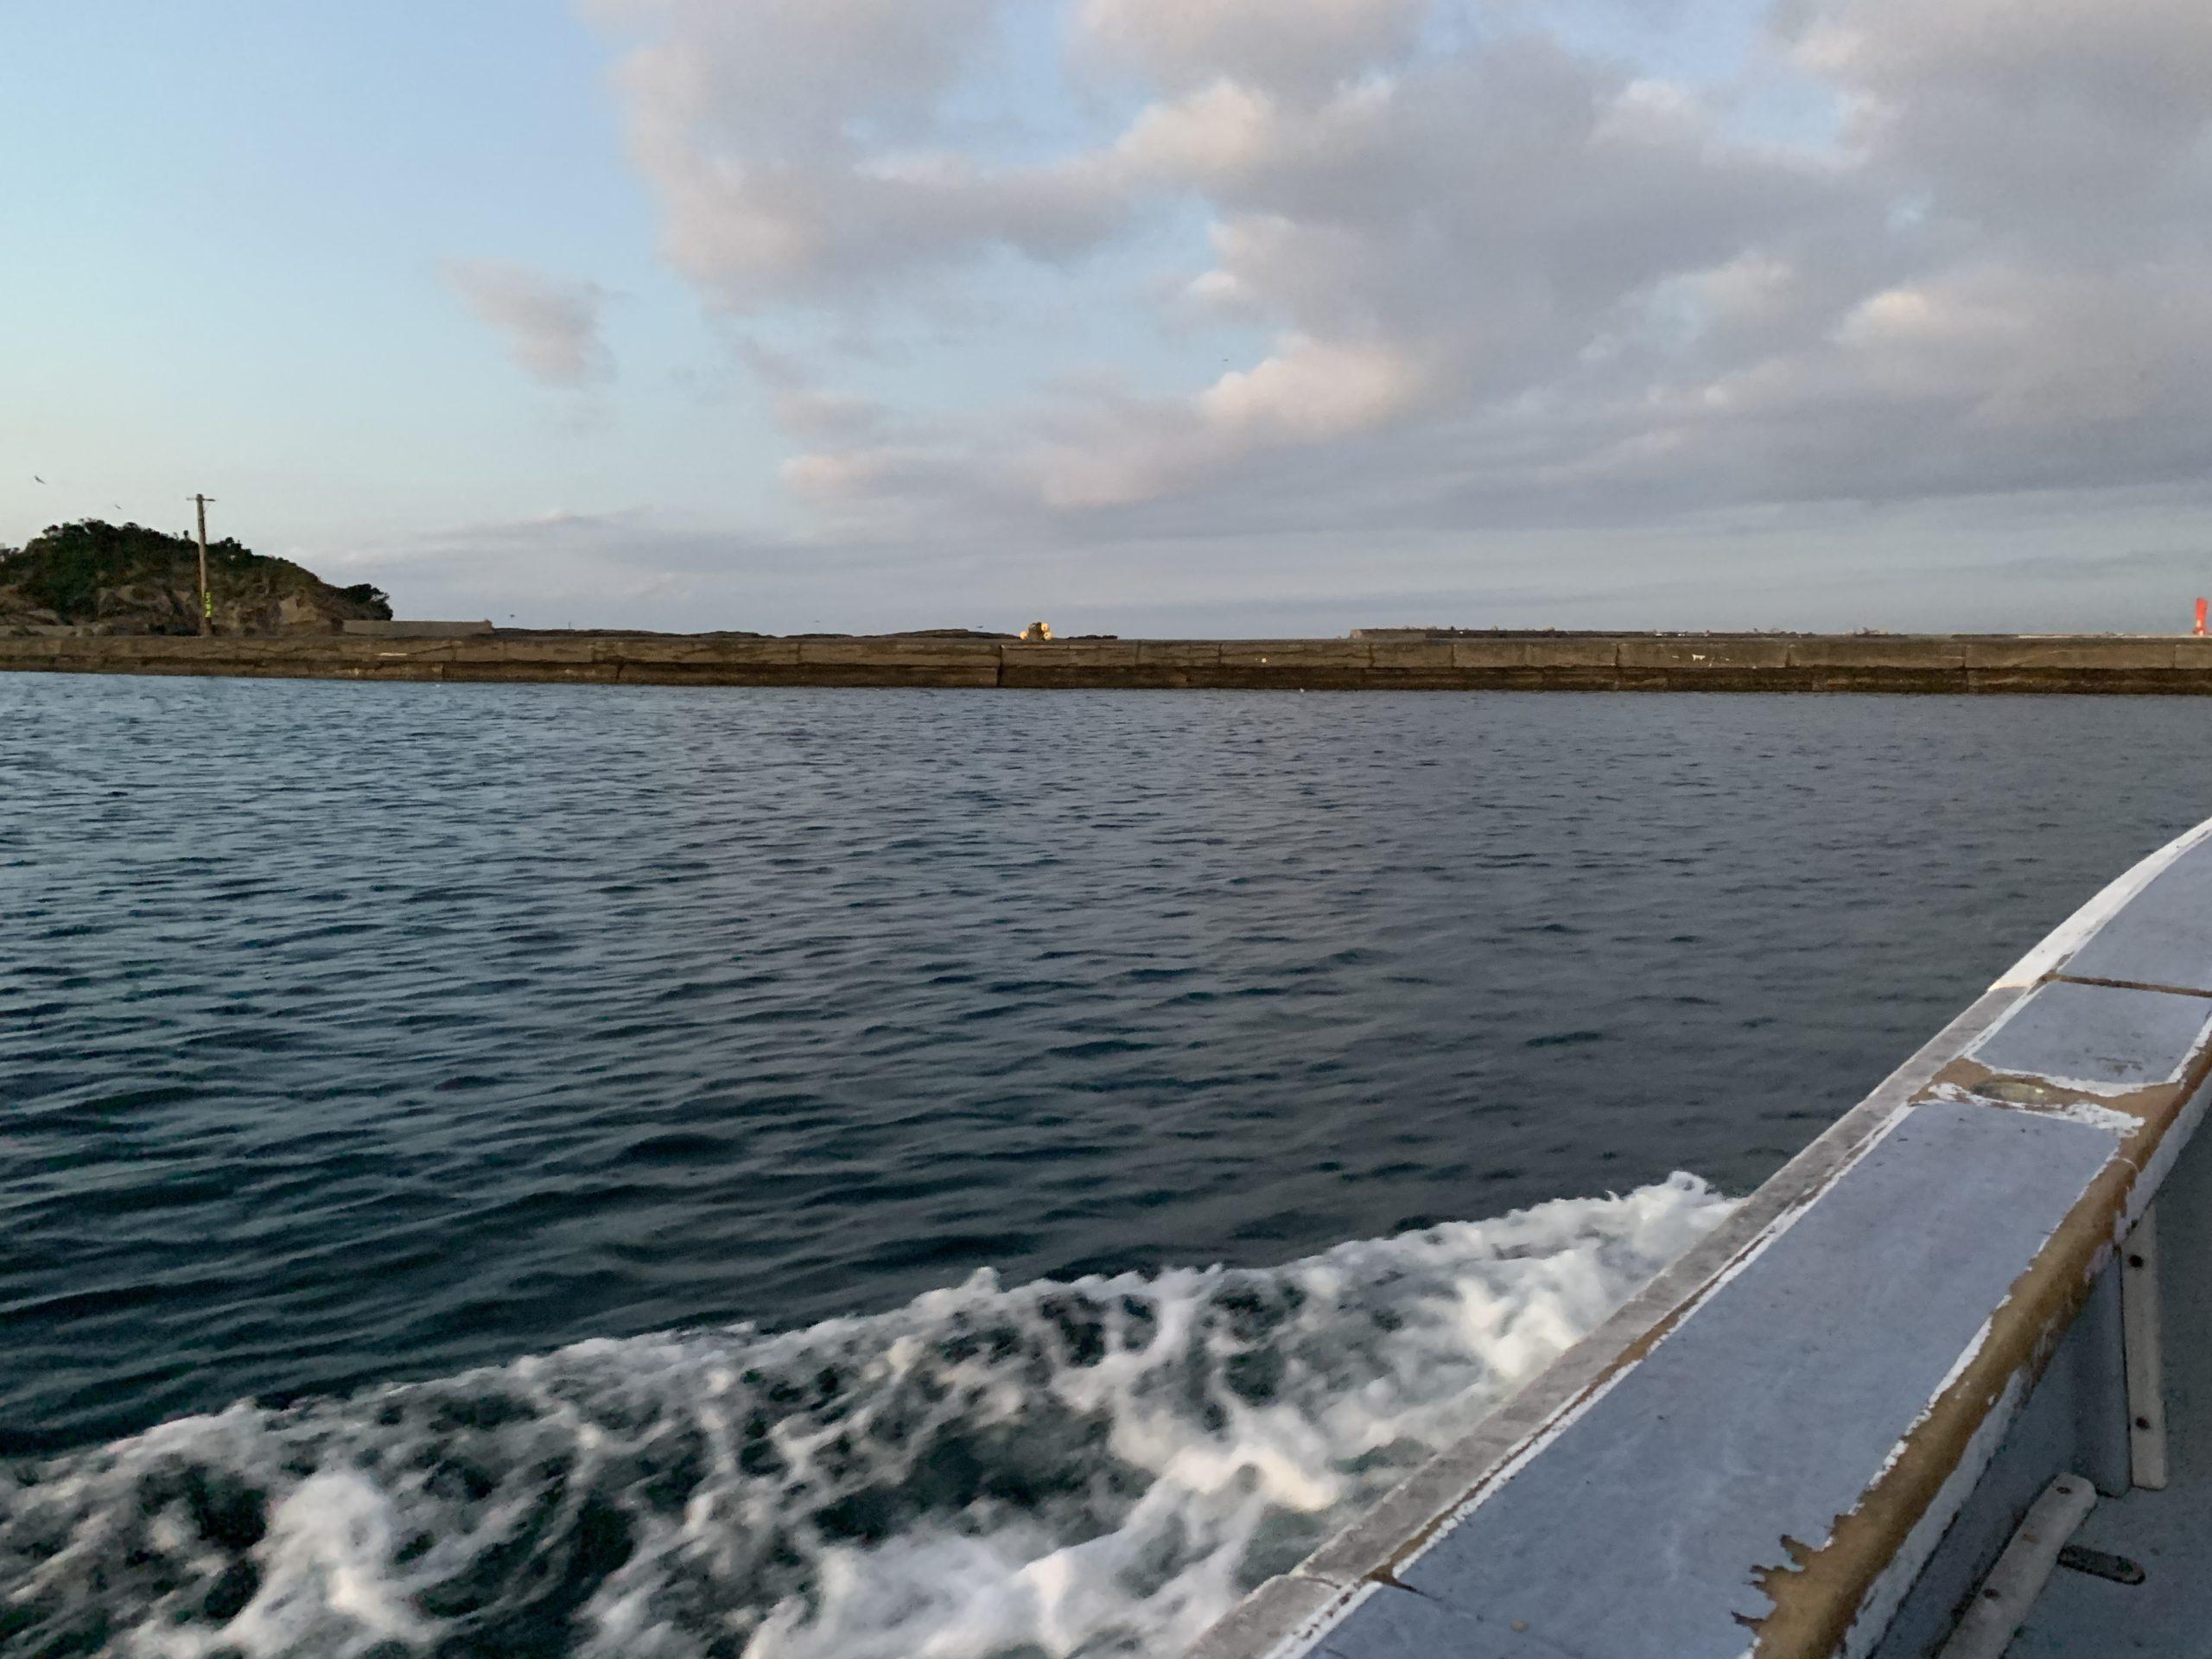 千鳥島 渡船